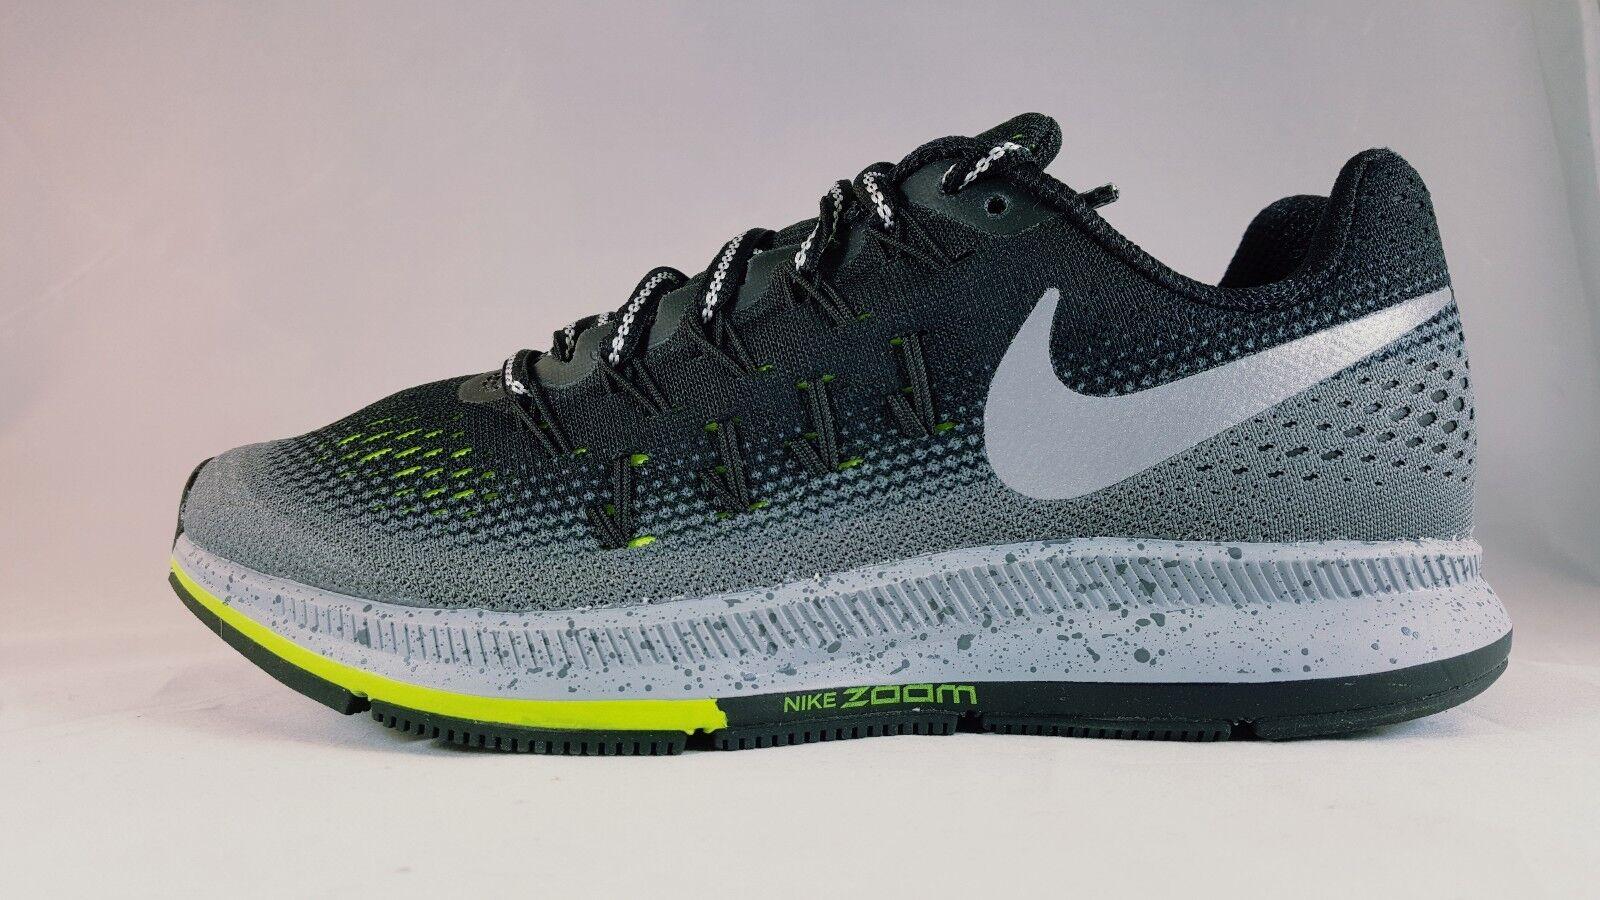 Nike sprint sorella ii mtr basso scarpe bianche 314226-102 dimensioni nuove scarpe